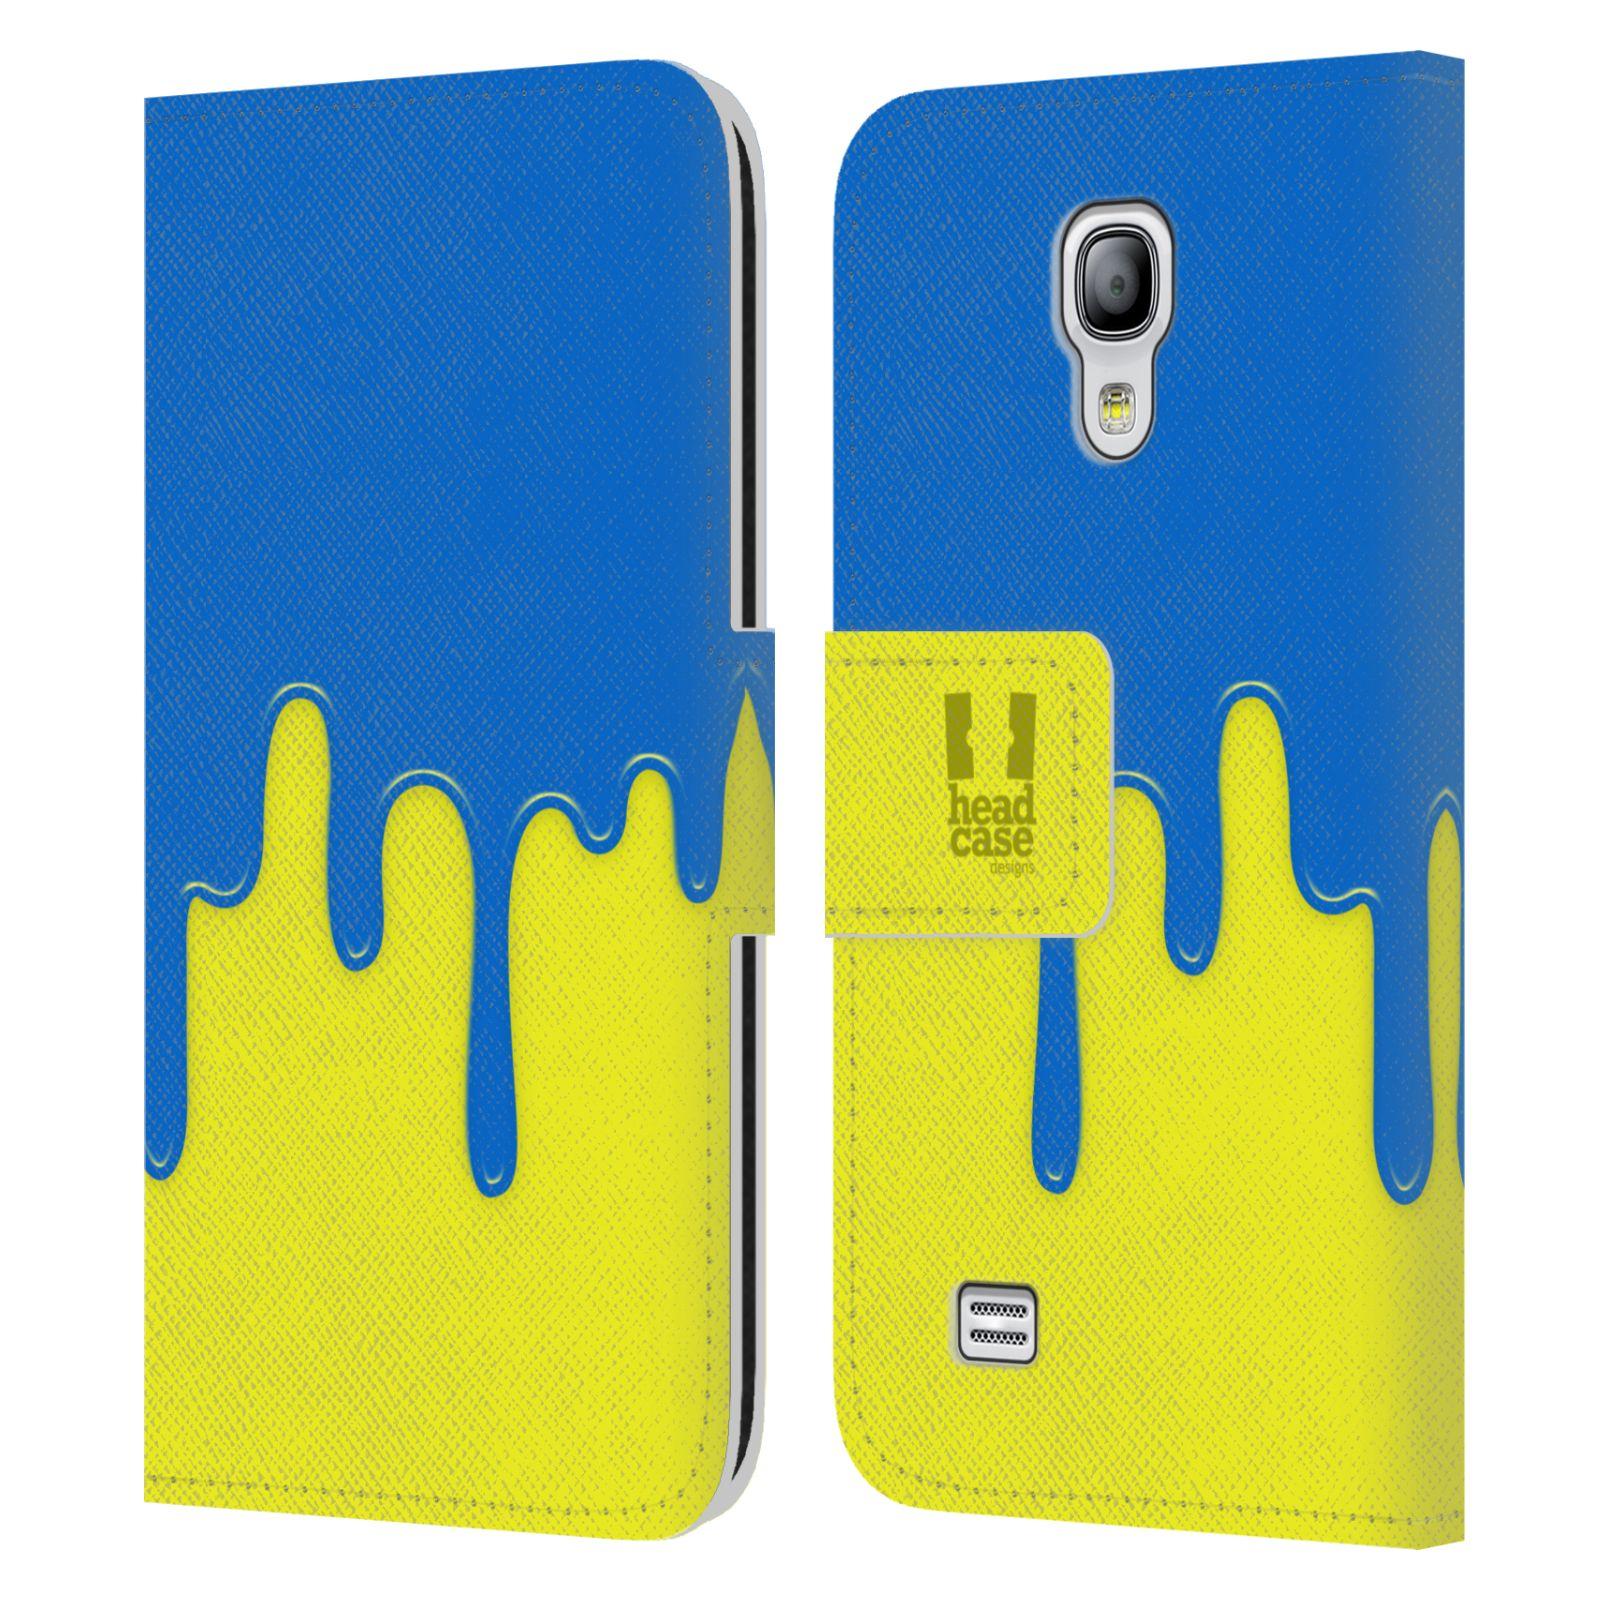 HEAD CASE Flipové pouzdro pro mobil Samsung Galaxy S4 MINI / S4 MINI DUOS Rozlitá barva modrá a žlutá